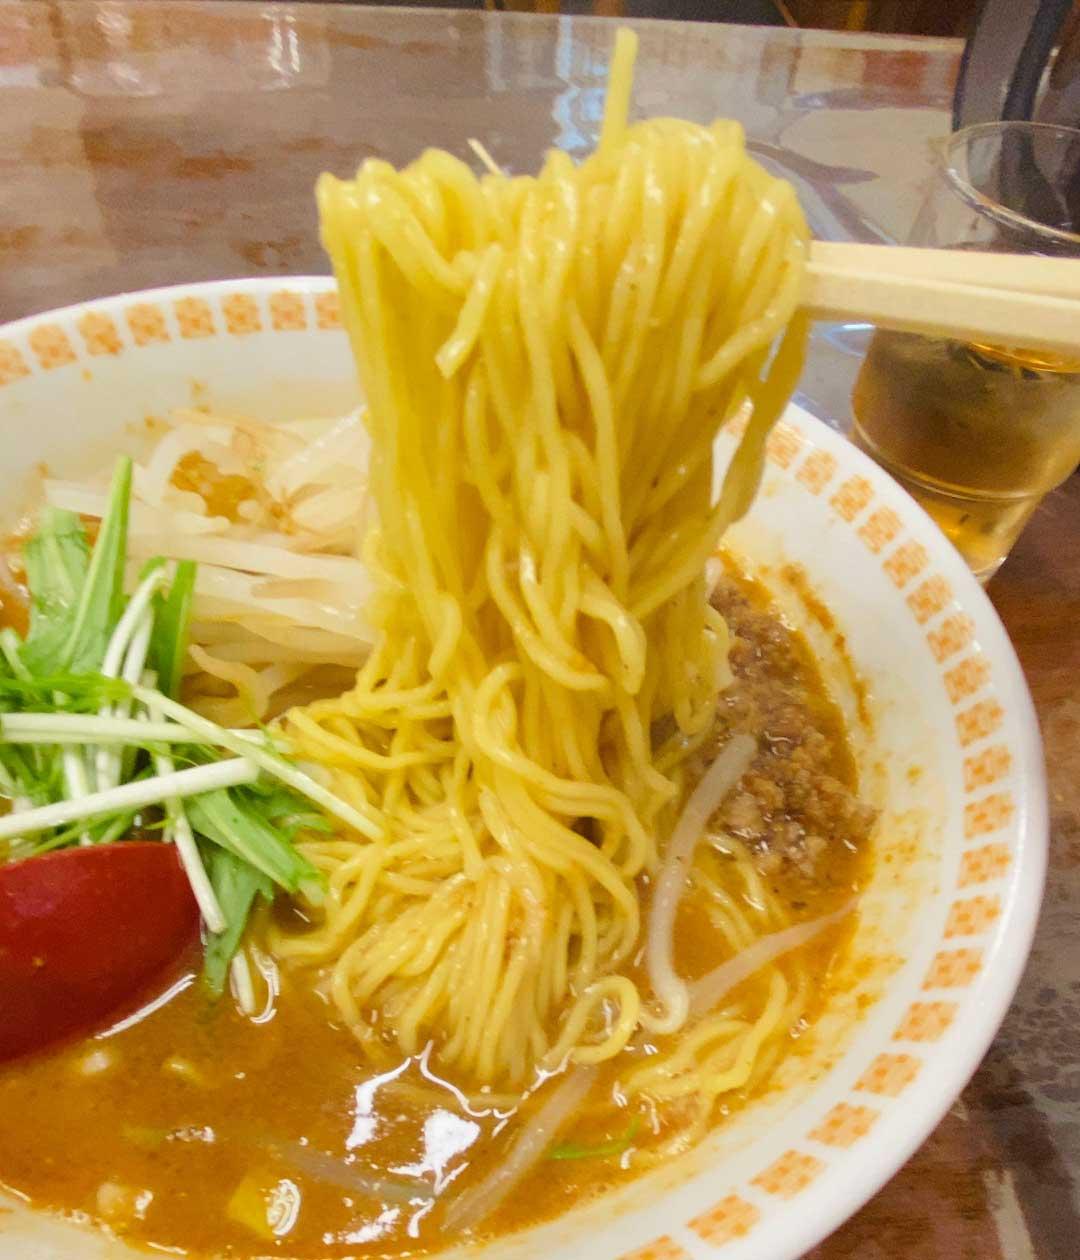 錦華楼の麺は細麺で柔らかめ、でもこれがいい